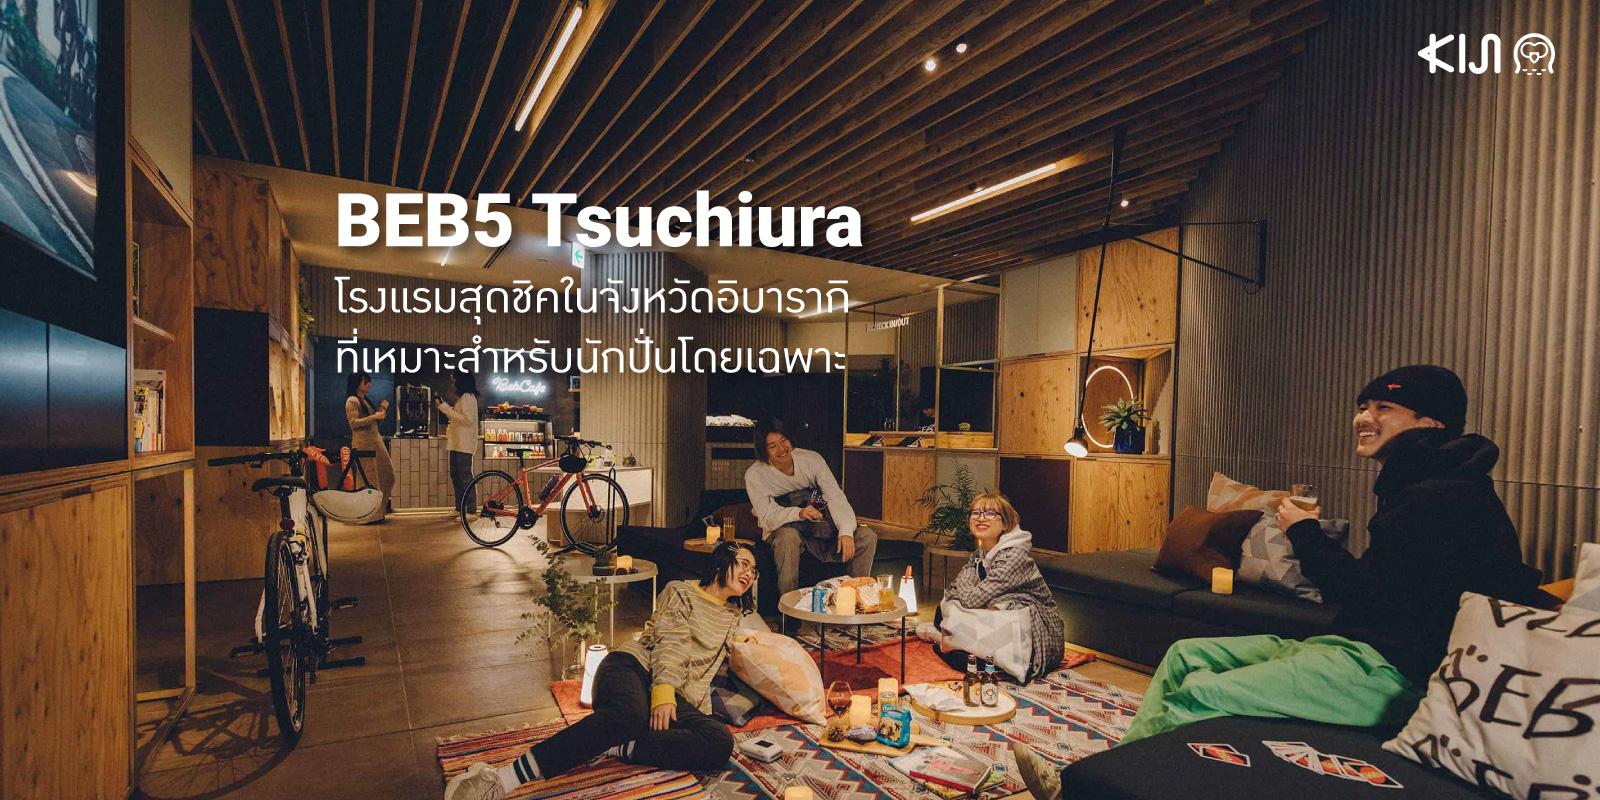 โรงแรม Hoshino Resorts BEB5 Tsuchiura จ.อิบารากิ